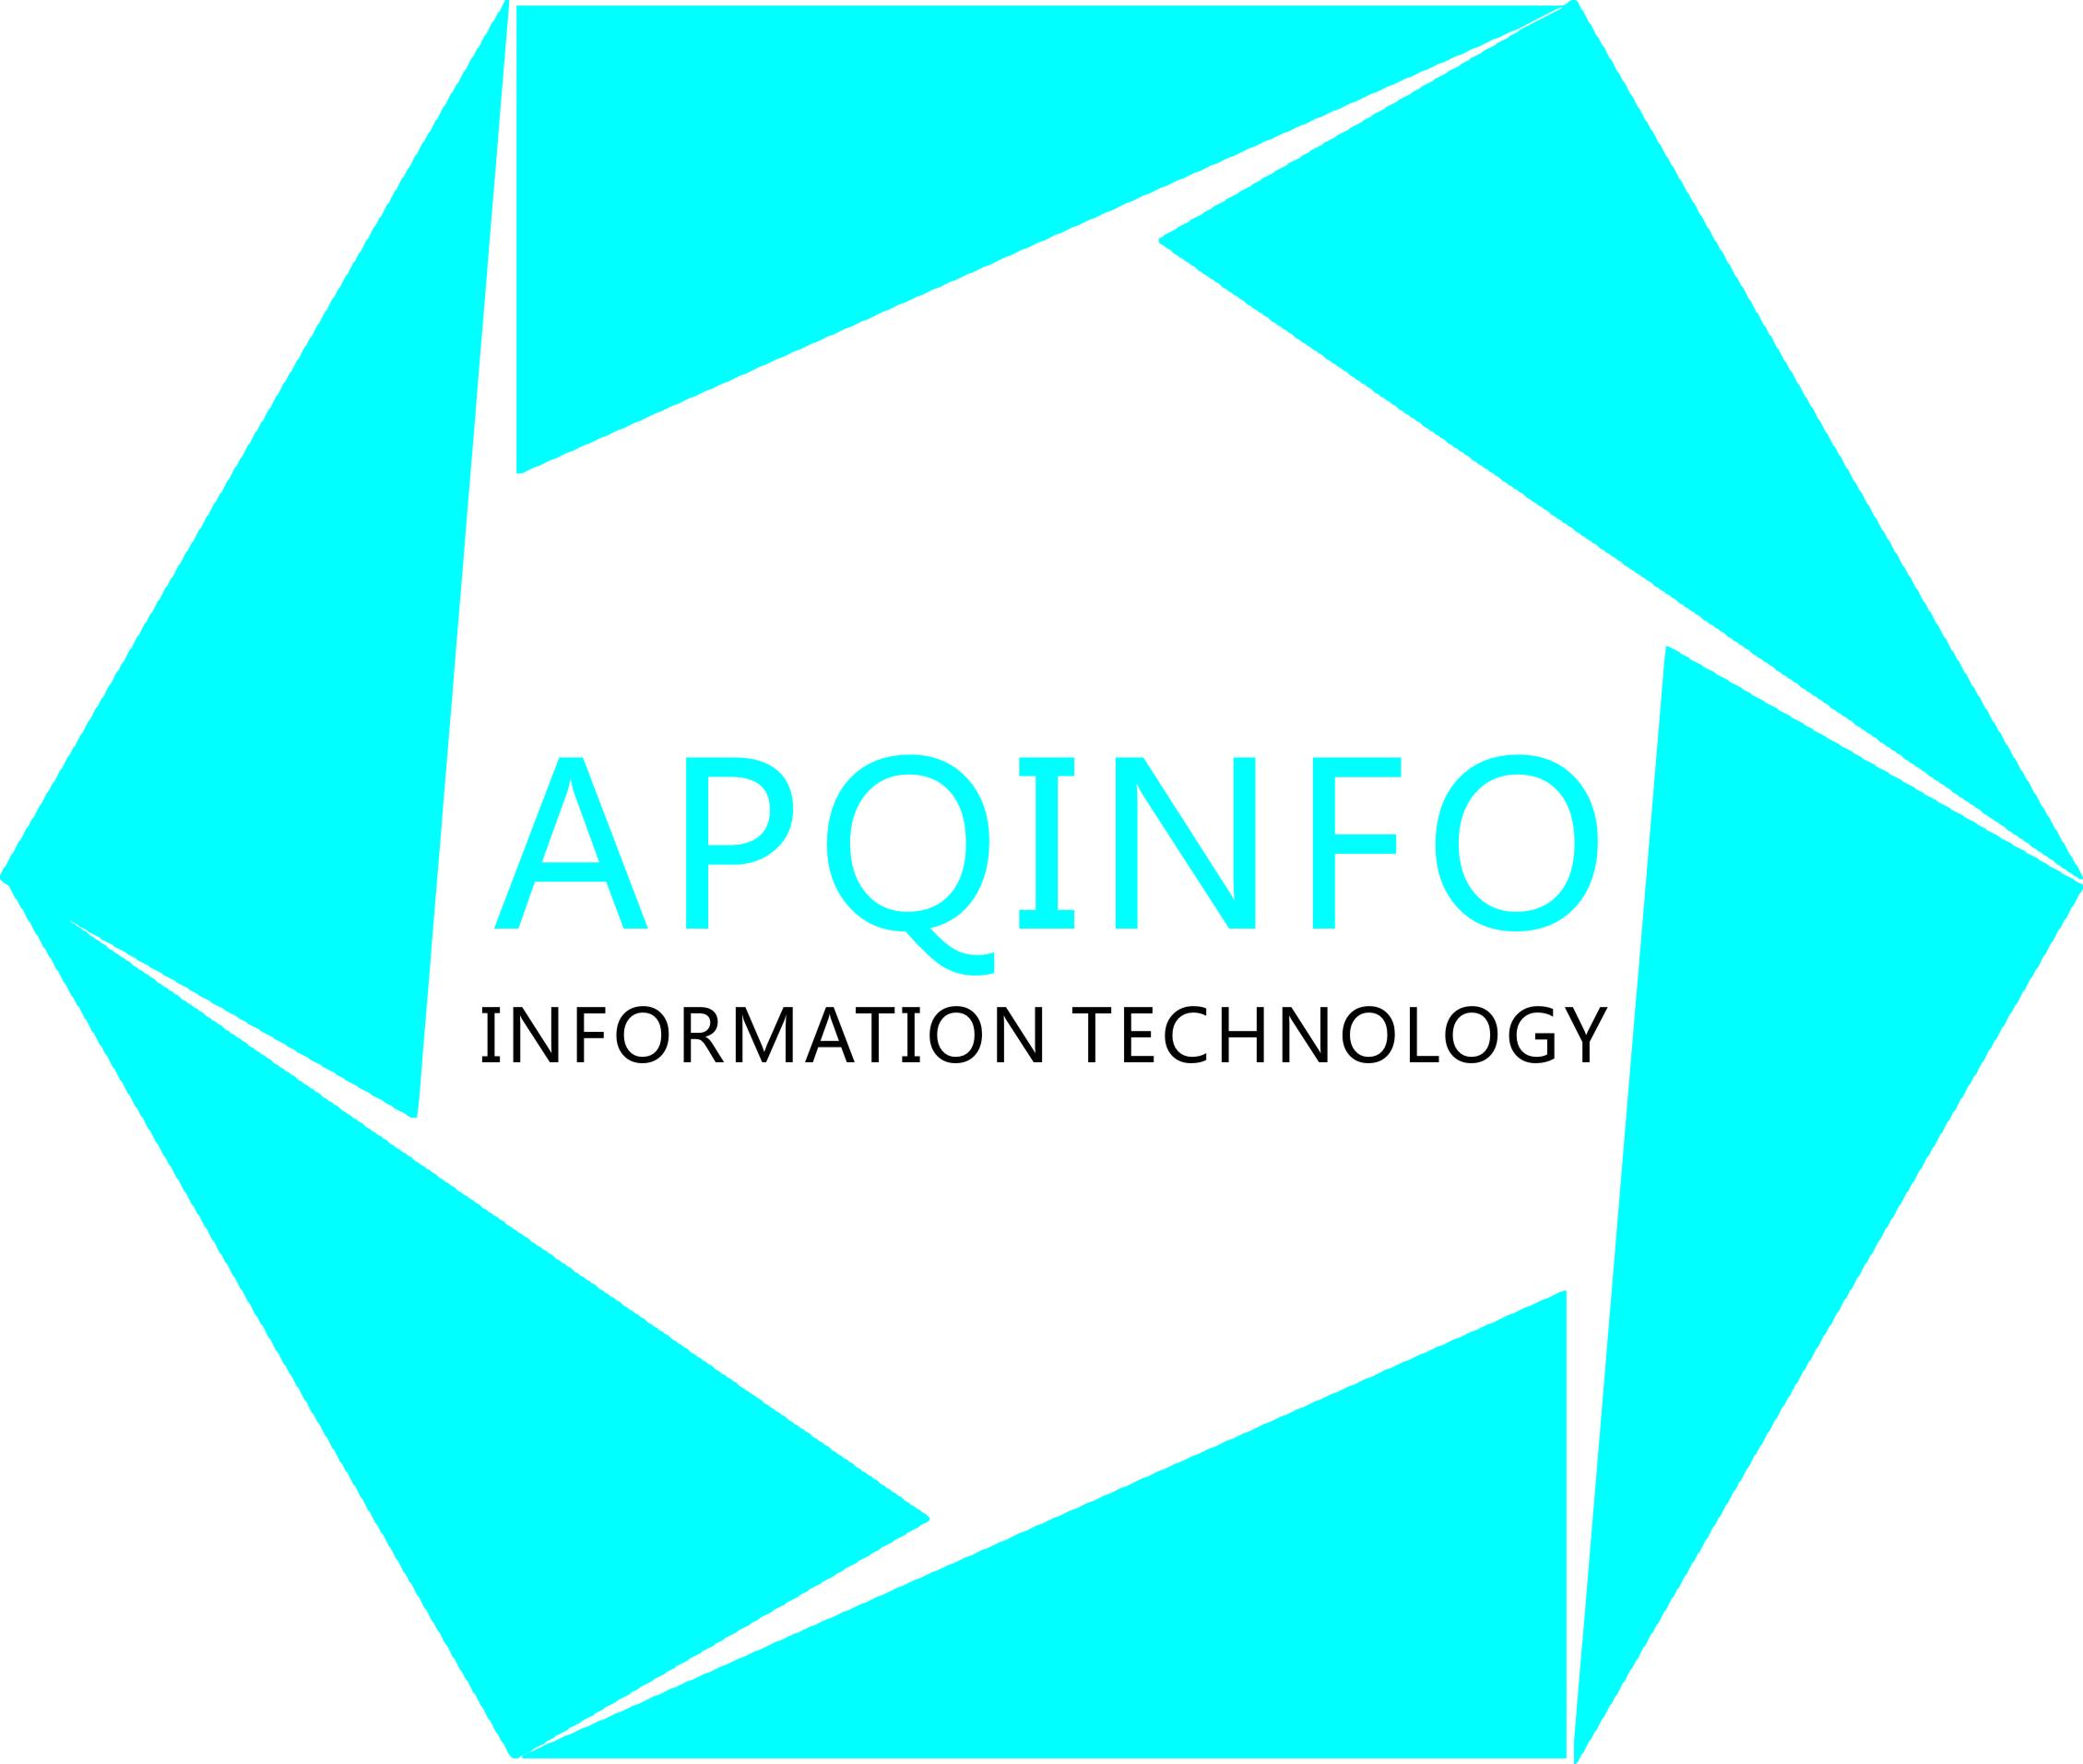 西安阿帕奇信息技术有限公司logo